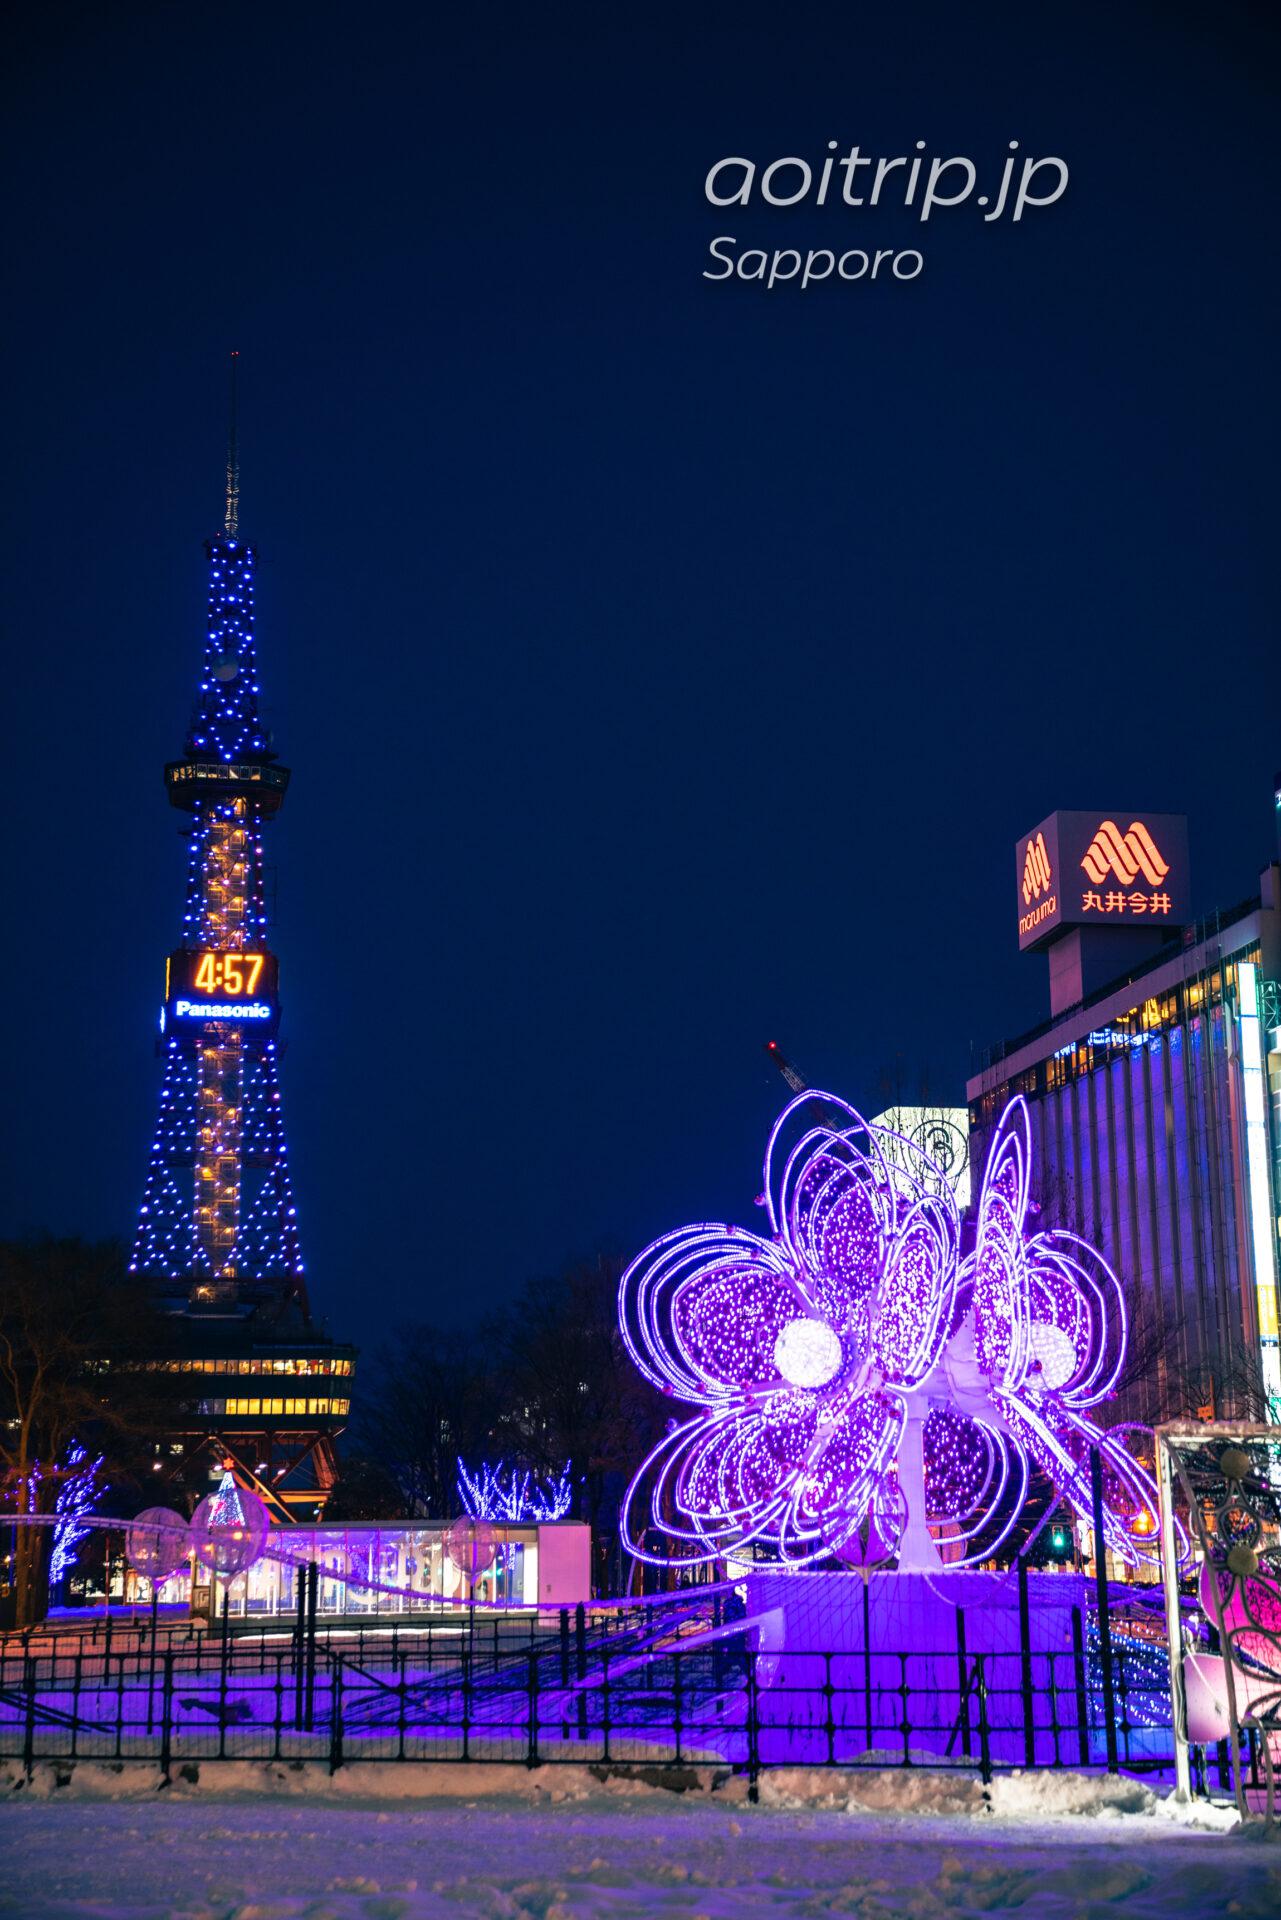 さっぽろホワイトイルミネーション Sapporo White Illumination